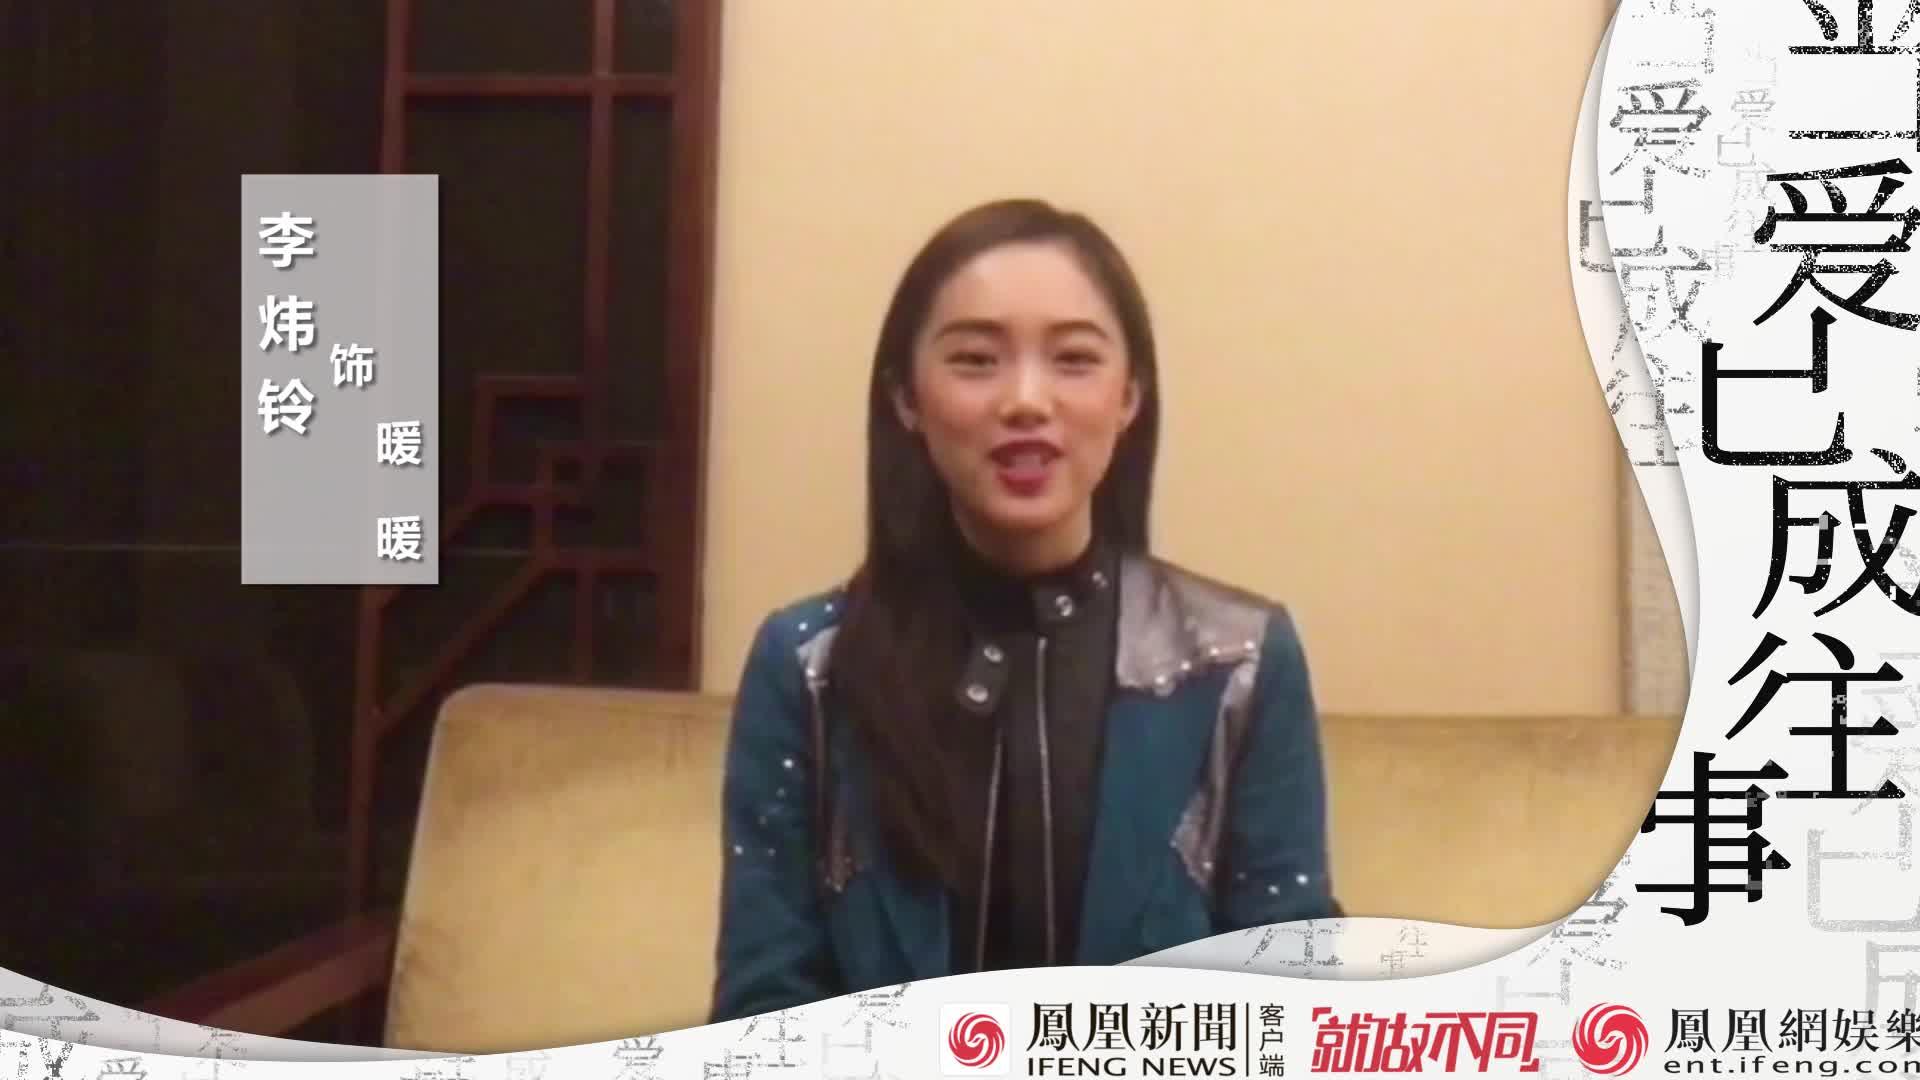 音乐剧《当爱已成往事》演员李炜铃送来新年锦鲤祝福